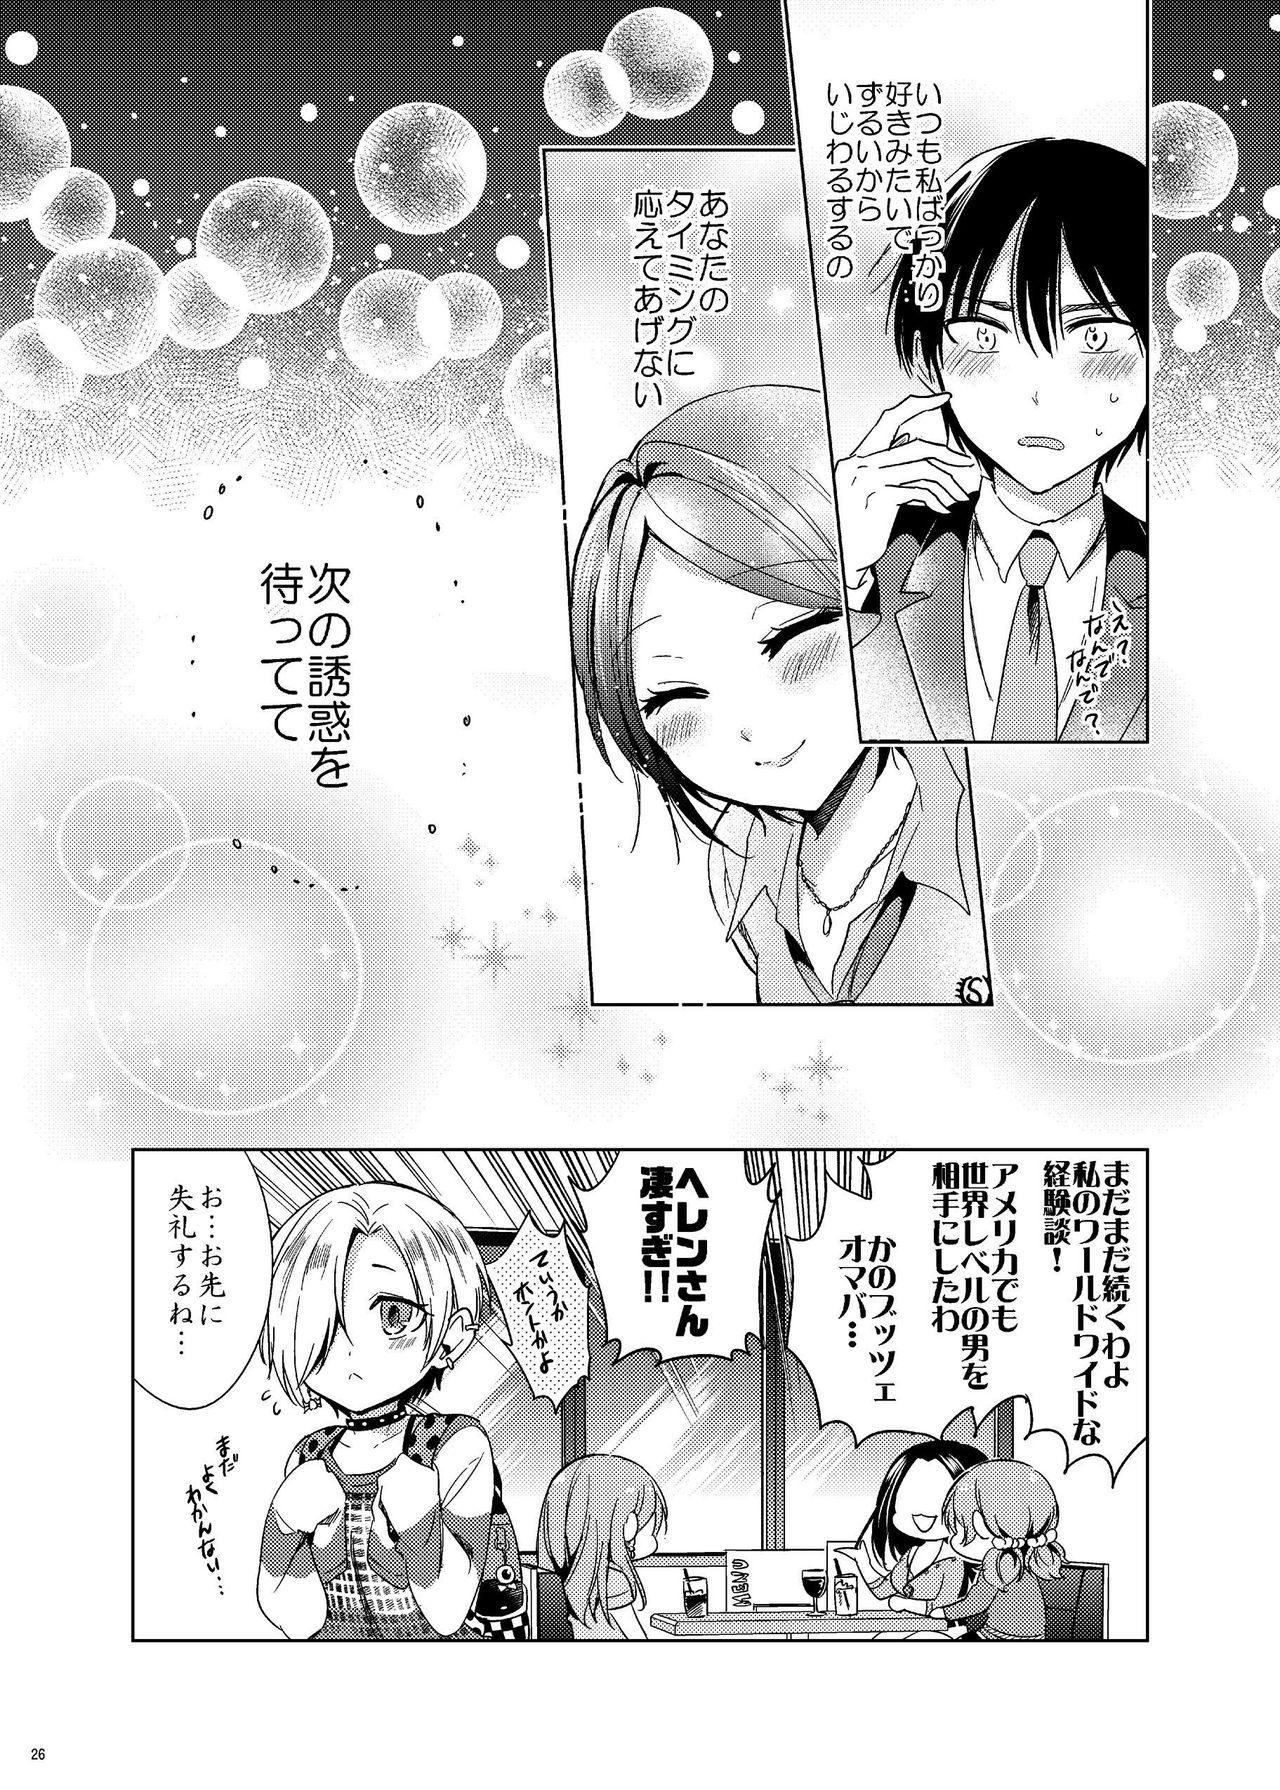 Hayami Kanade Soushuuhen 2014-15 『Black Cinderella』 24